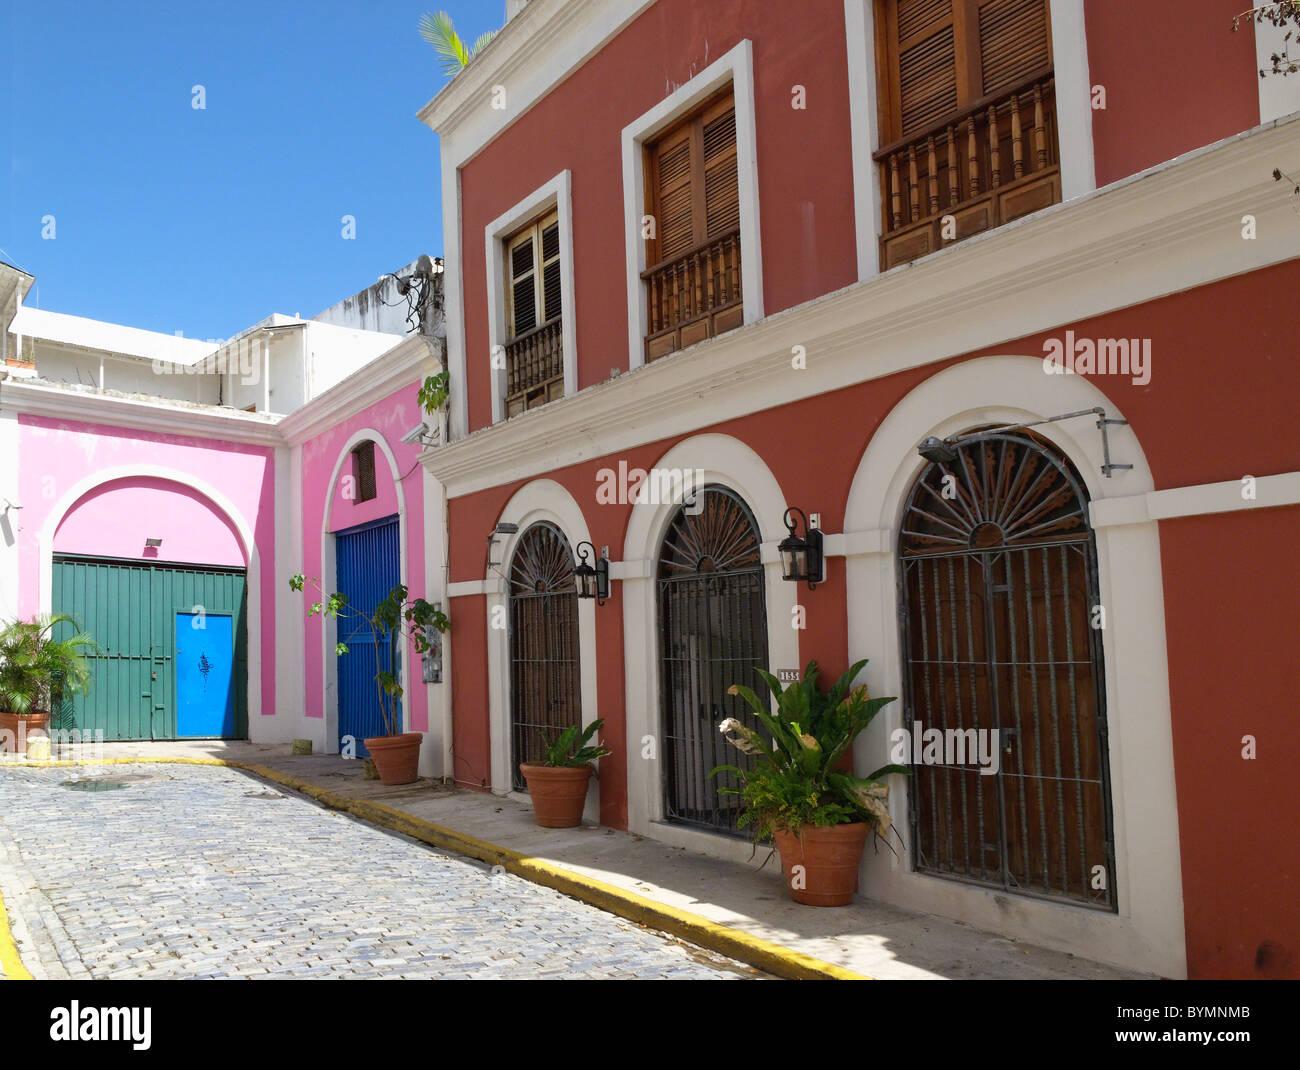 La vecchia San Juan Street con architettura coloniale, Puerto Rico Immagini Stock